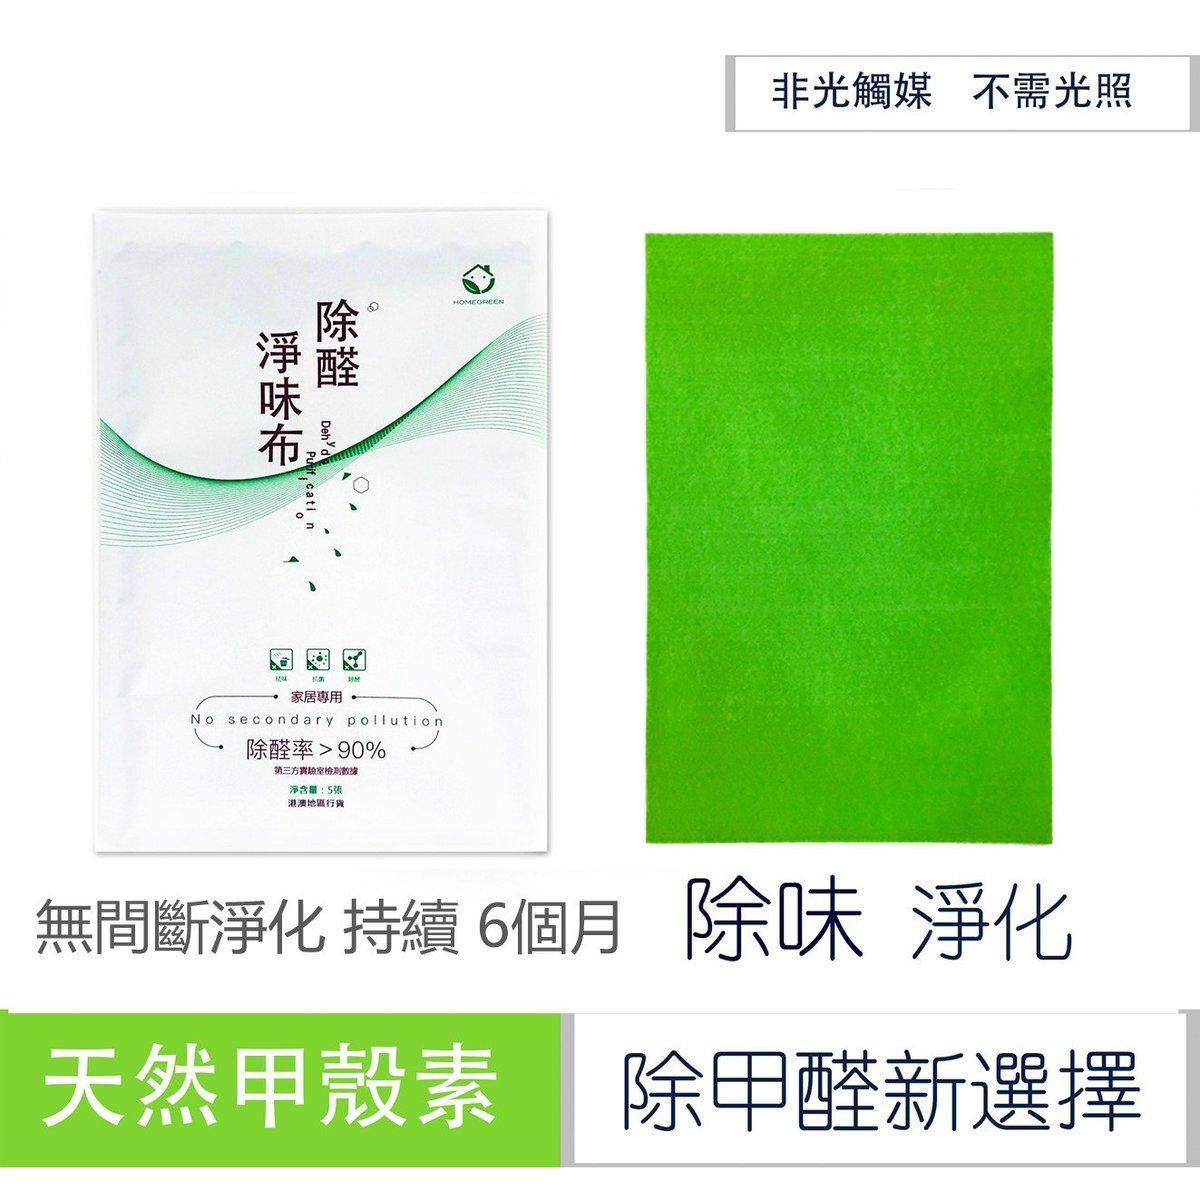 健康家除醛淨味布 60g (5塊)甲殼素除甲醛去味抗菌